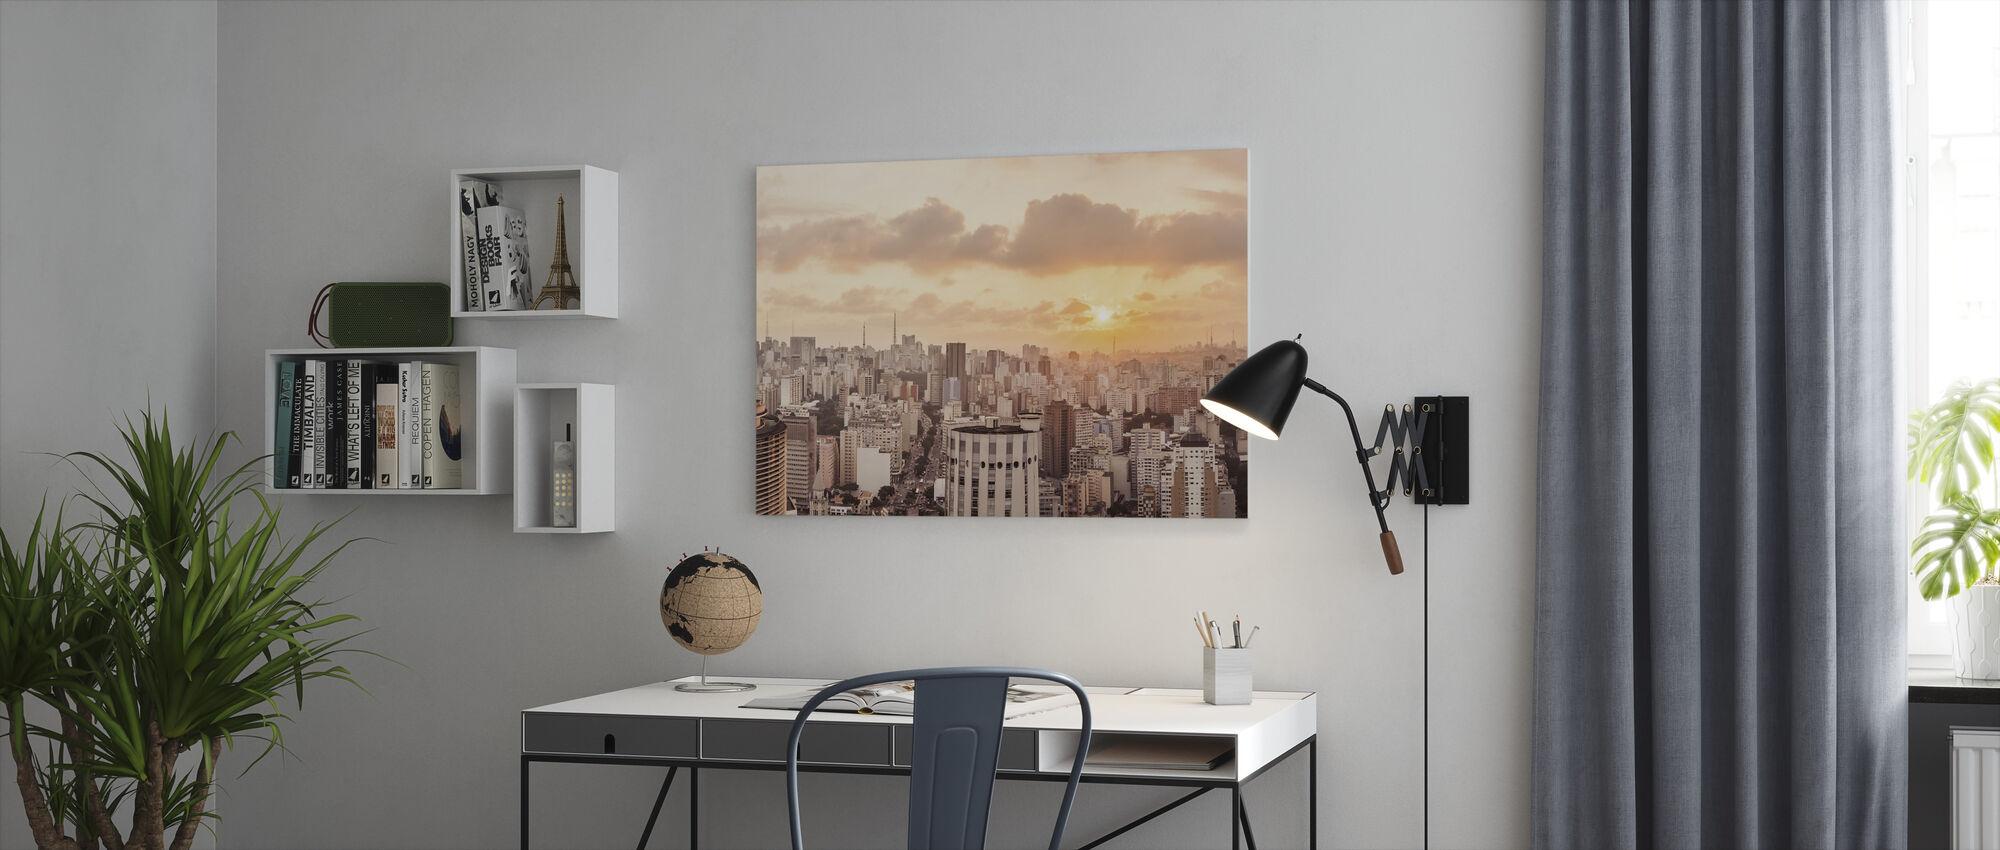 Sao Paulo Sunset - Leinwandbild - Büro